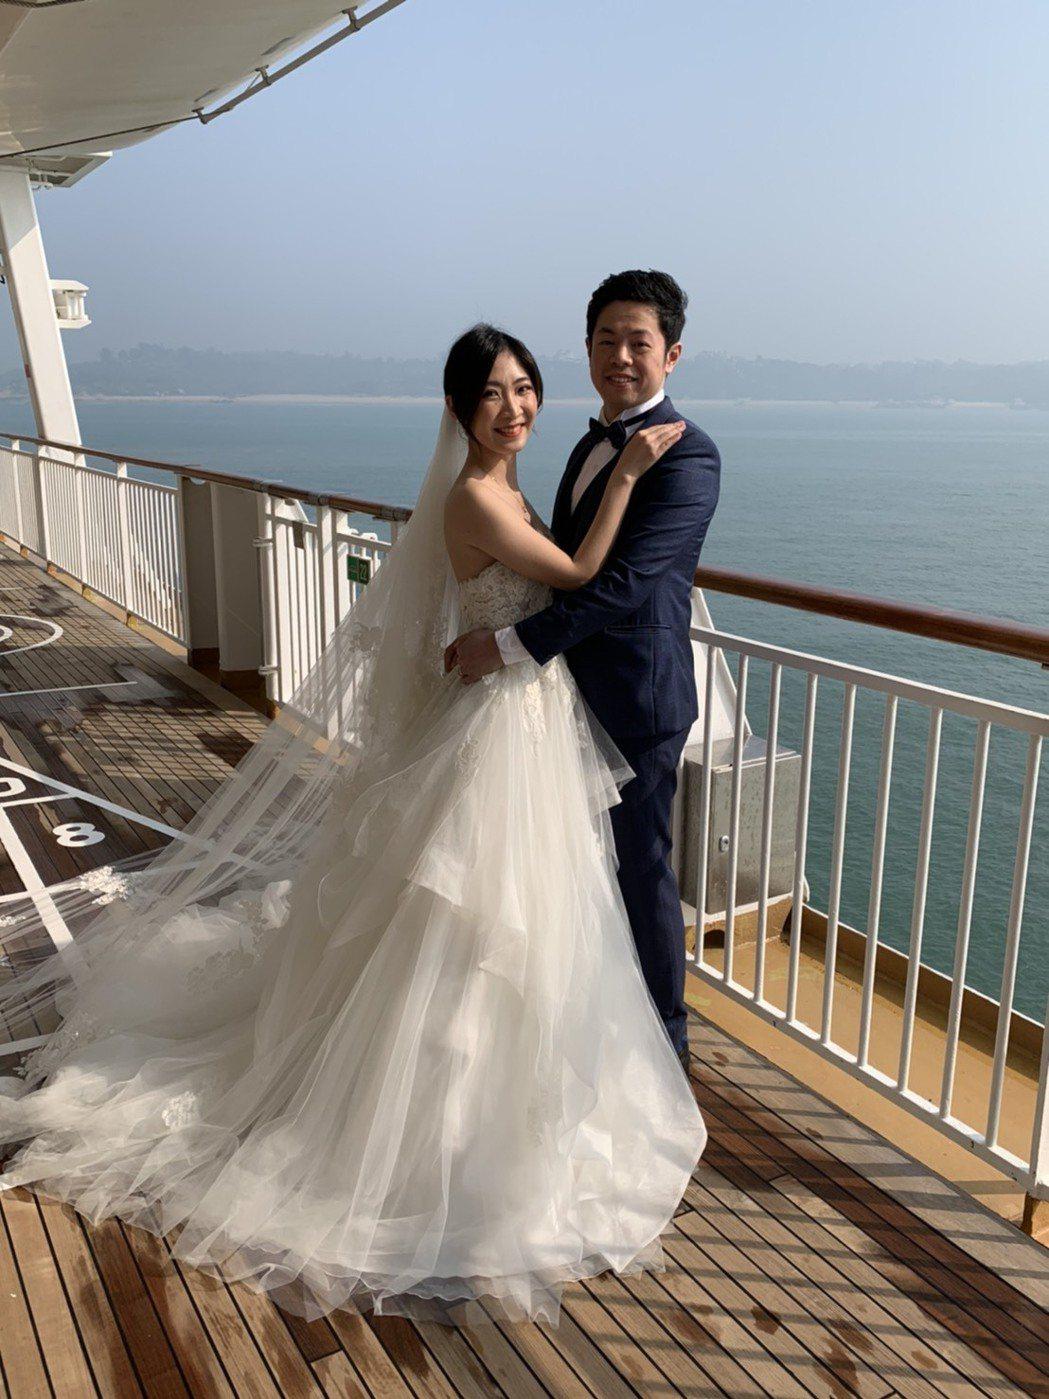 搭配520的浪漫氛圍,郵輪也成為新人結婚拍攝婚紗最愛取景的景點之一。   記者楊...